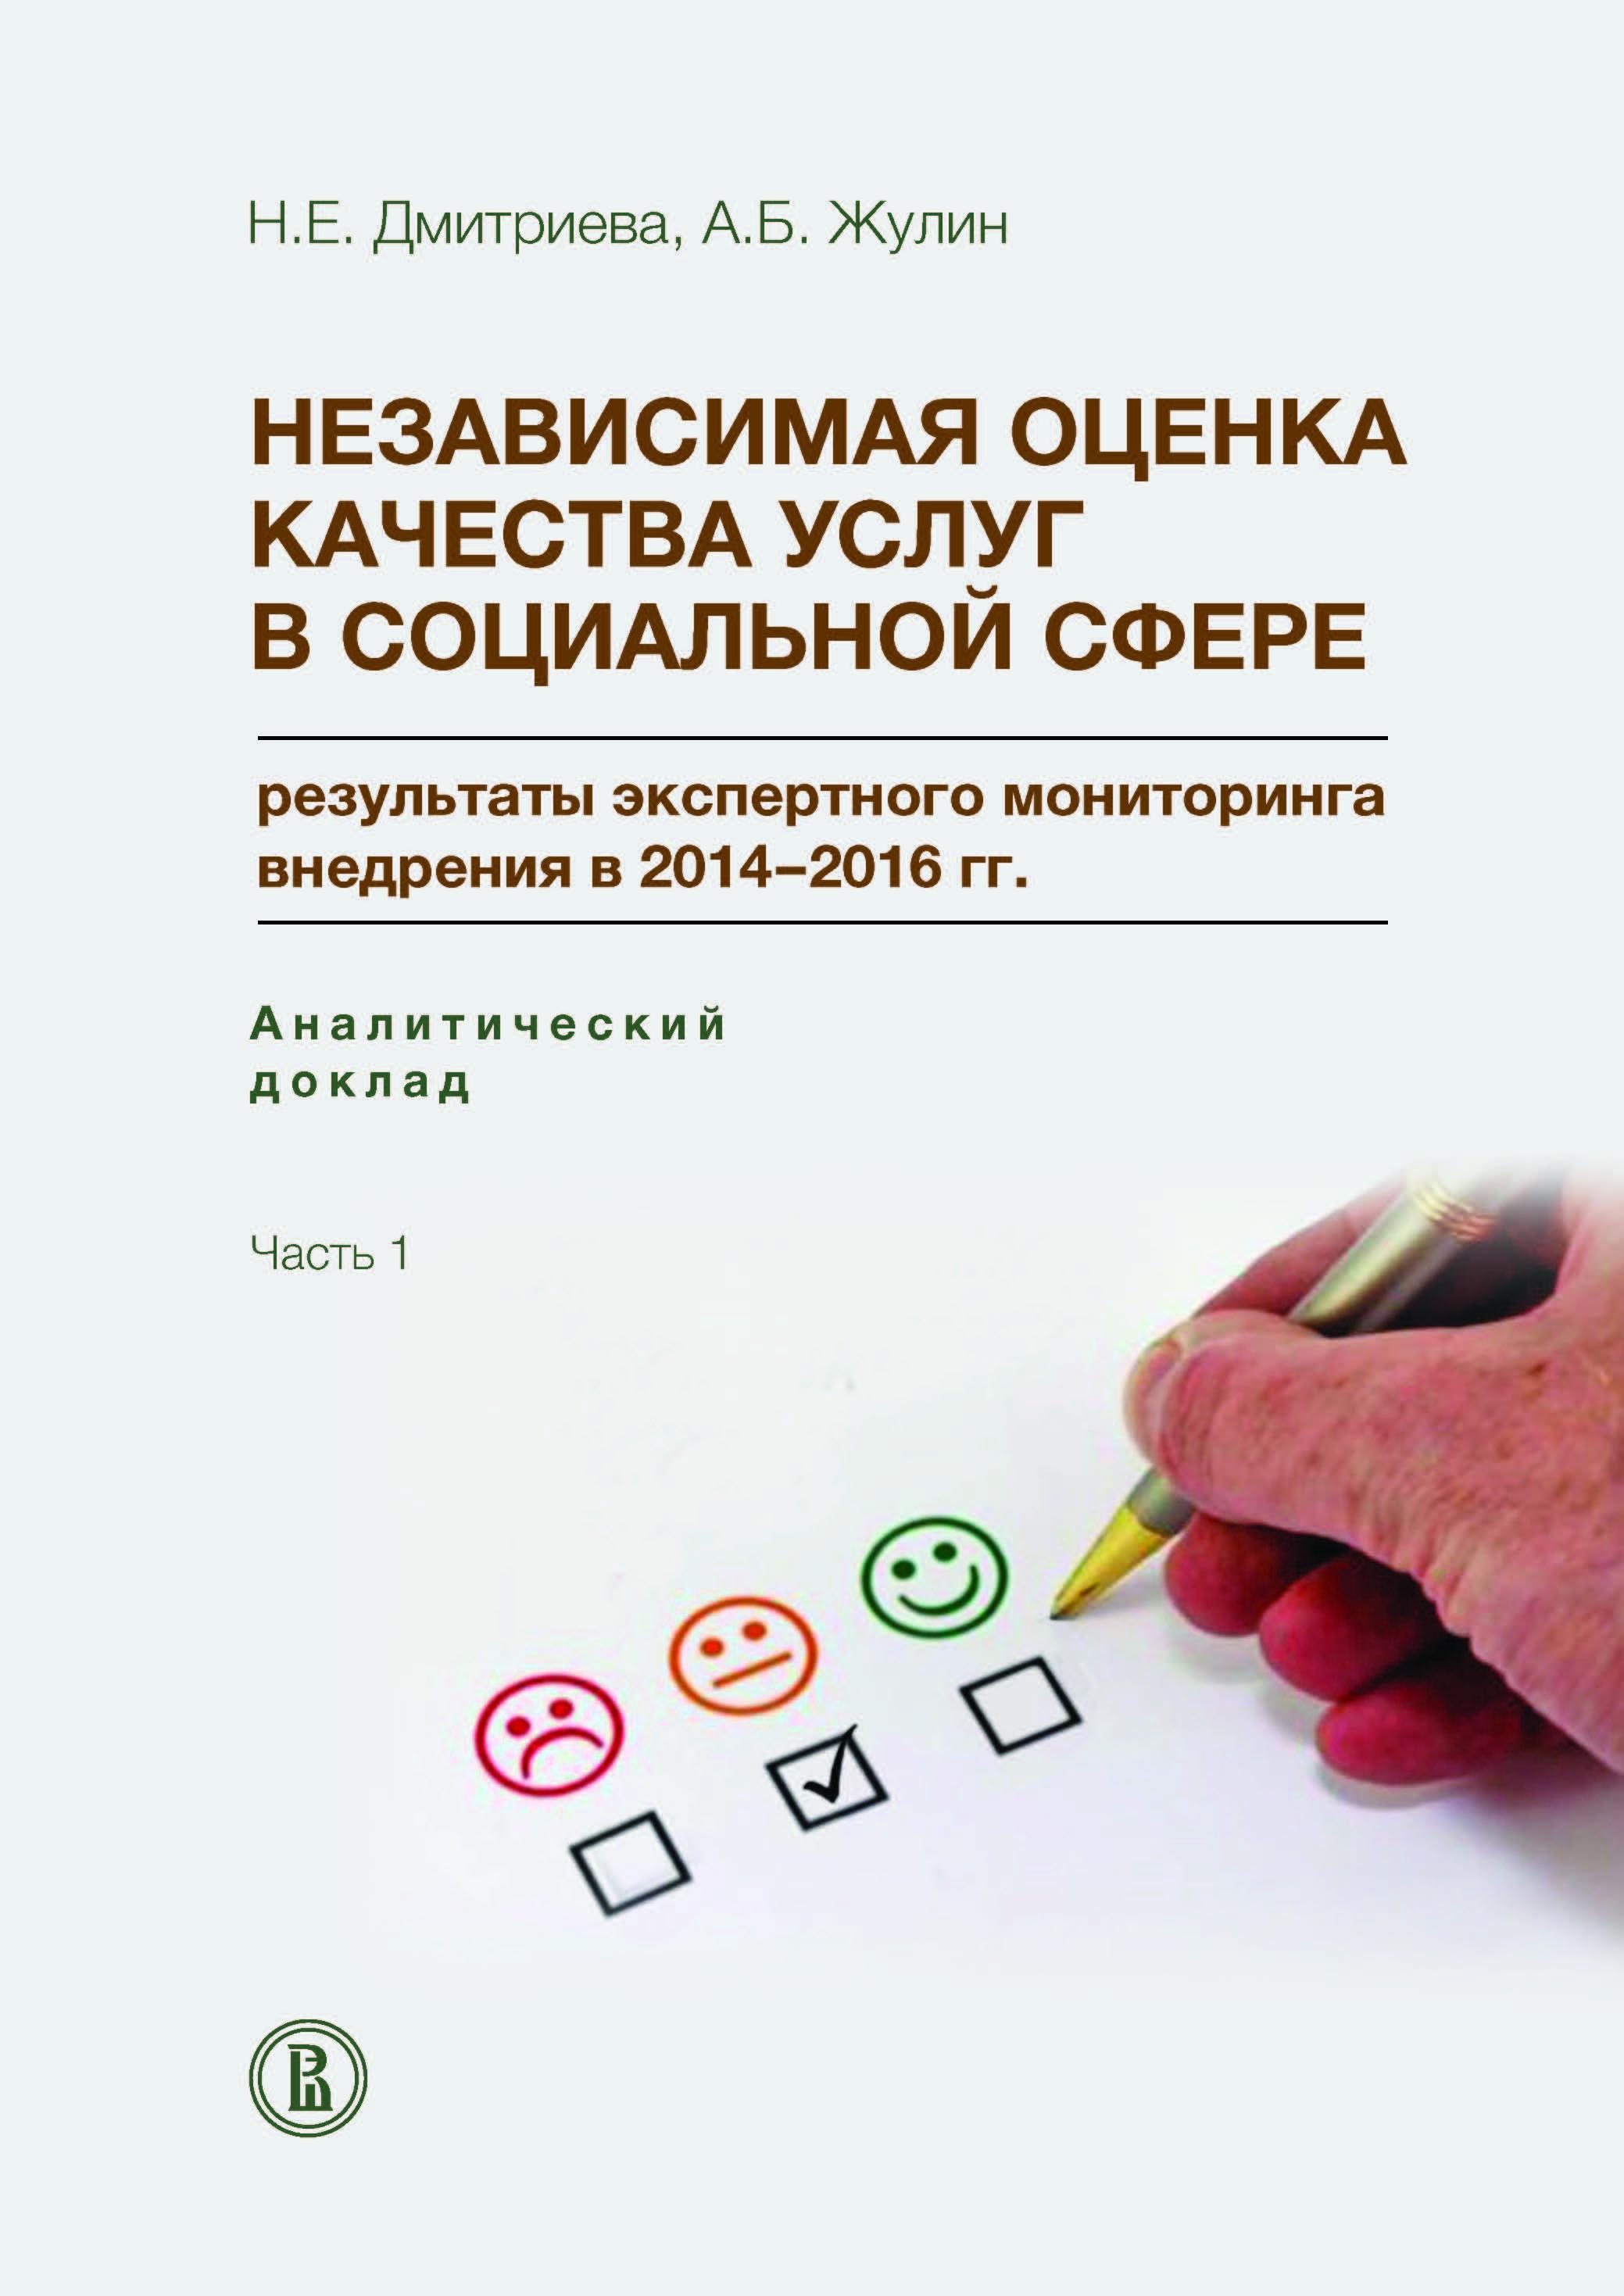 Независимая оценка качества услуг в социальной сфере: результаты экспертного мониторинга внедрения в 2014–2016 гг.: аналитический доклад